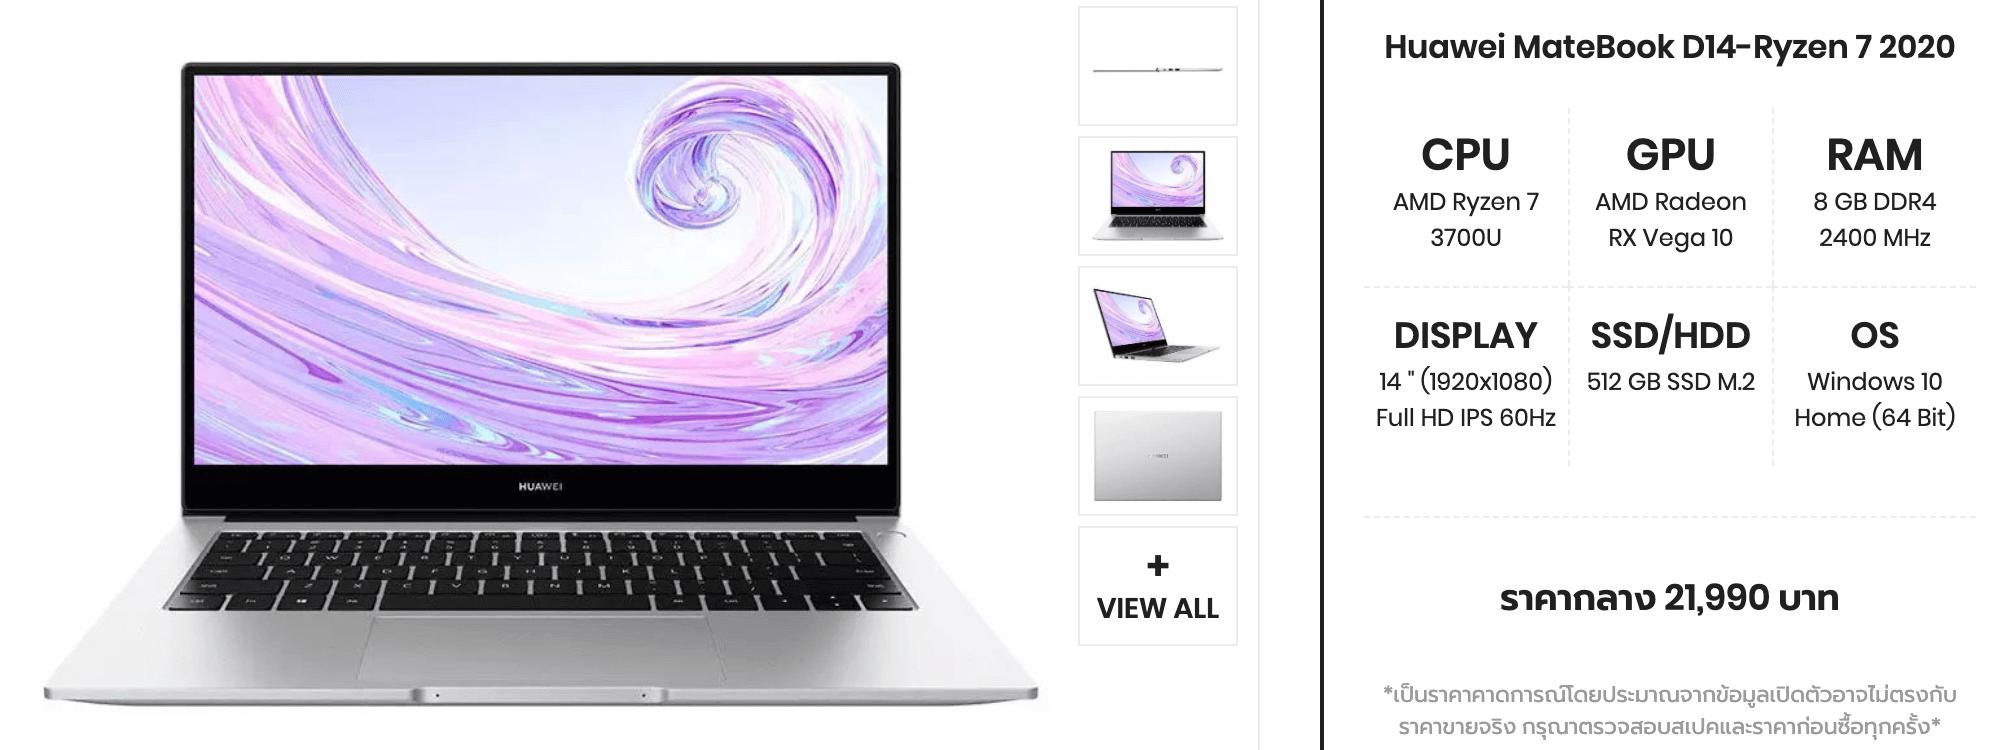 Huawei MateBook D14 Ryzen 7 2020